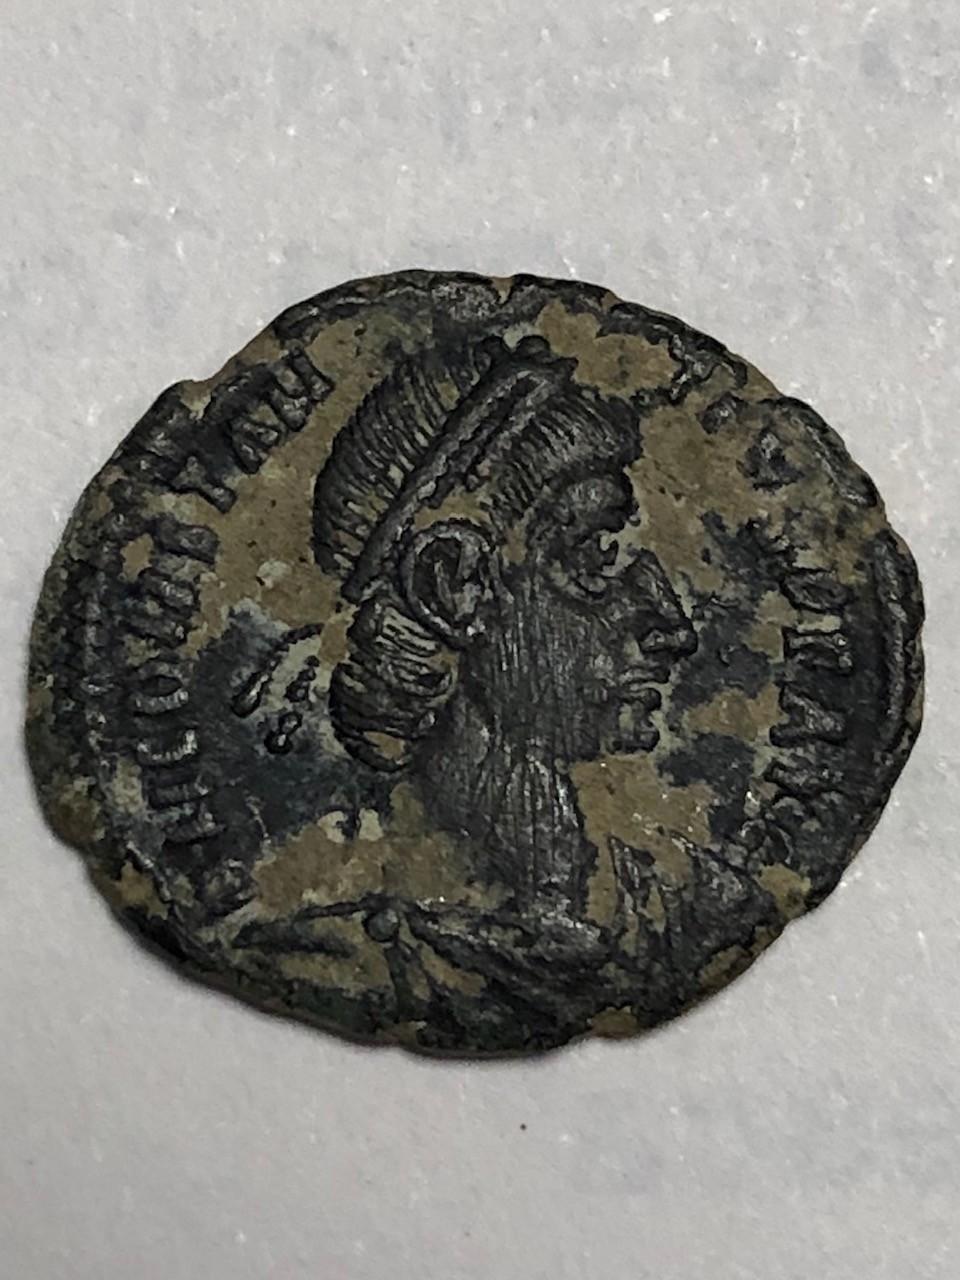 AE3 de Constancio II. FEL TEMP – REPARATIO. Soldado romano alanceando a jinete caído. Roma. Anv510